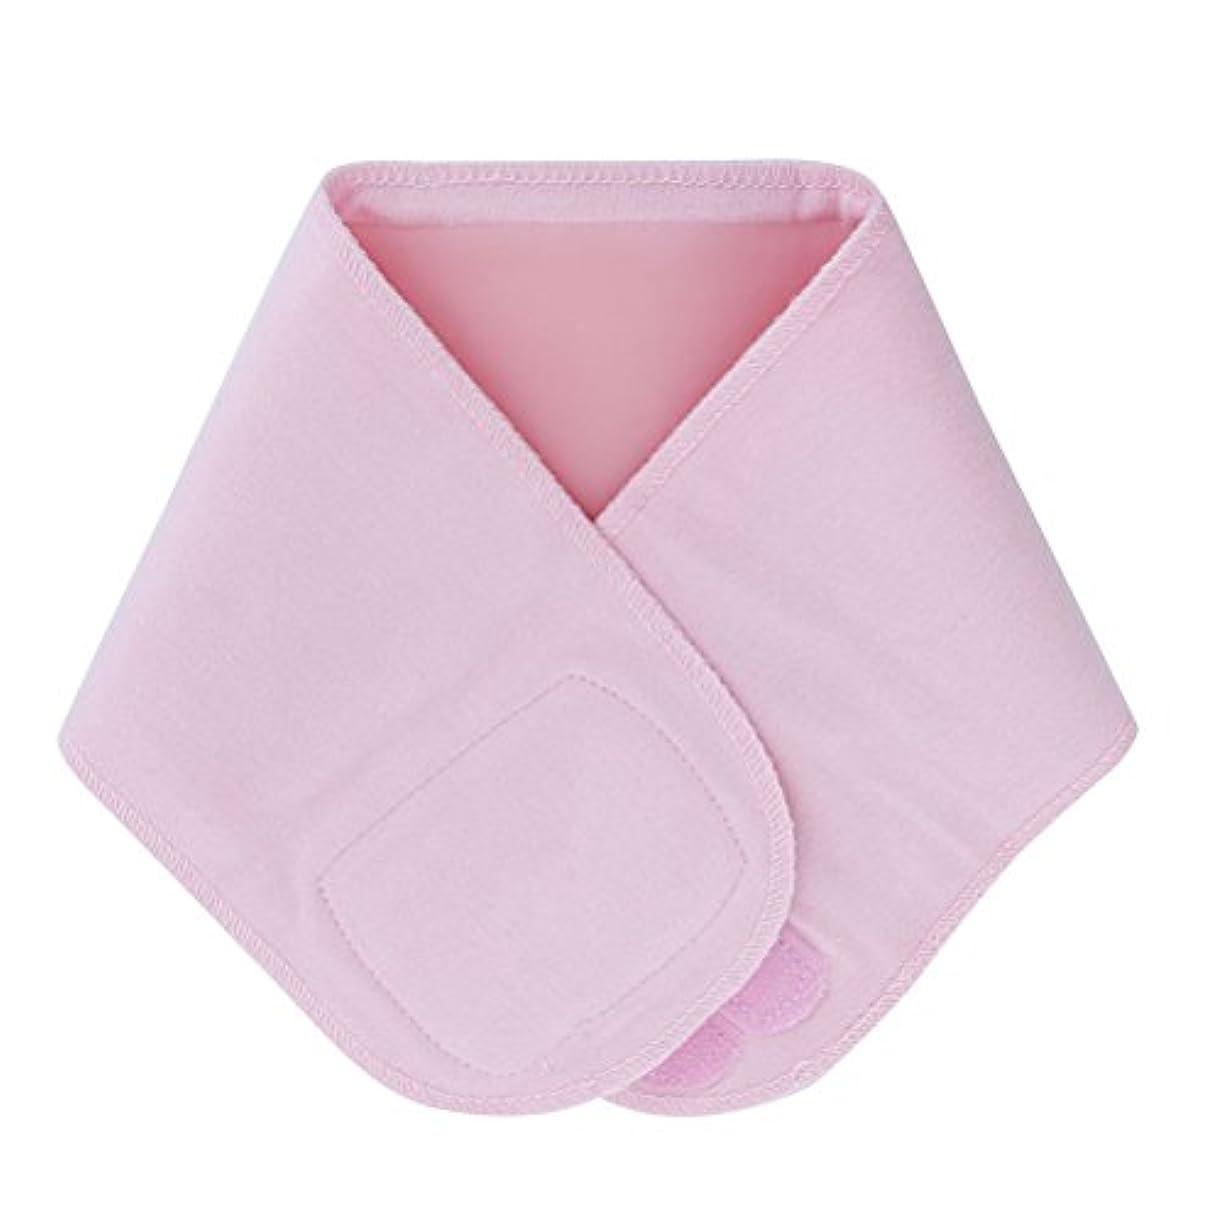 聖なる砂錆びLurrose ジェルネックラップ伸縮性保湿スムースホワイトニングネックスキンアンチリンクルカラー(ピンク)